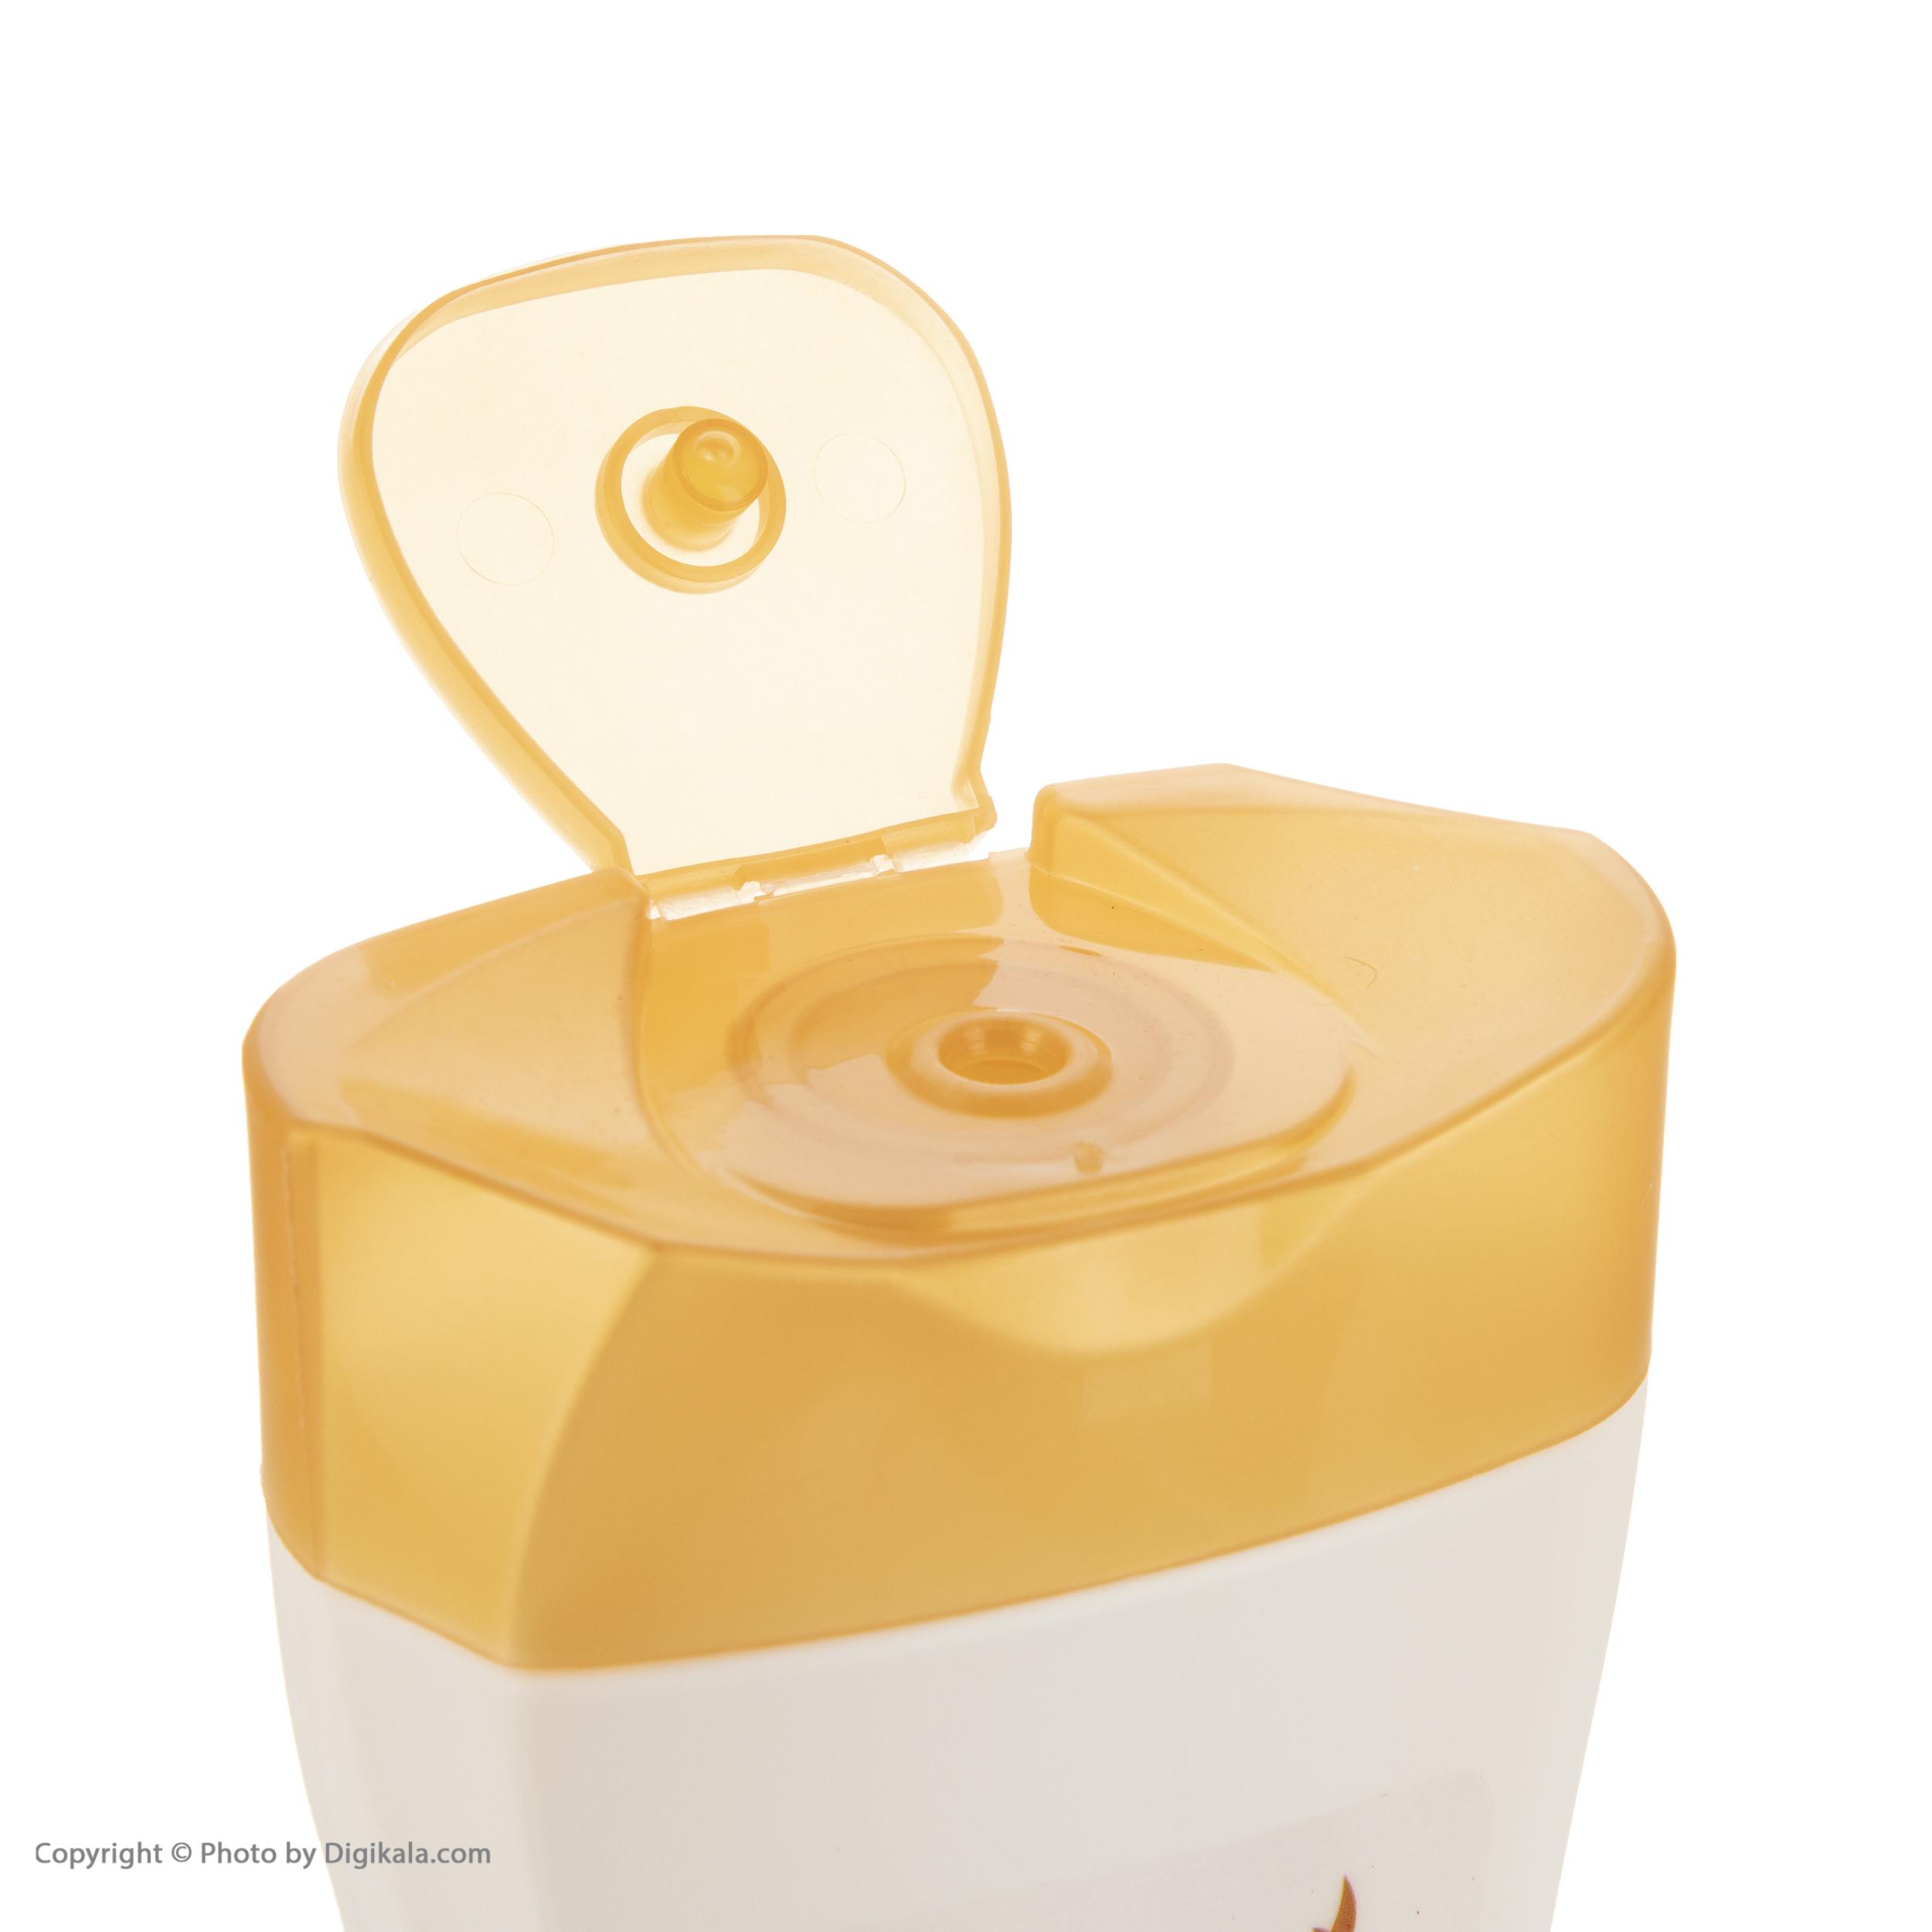 شامپو مو مارتیا مدل عسل و تخم مرغ حجم 600 میلی لیتر